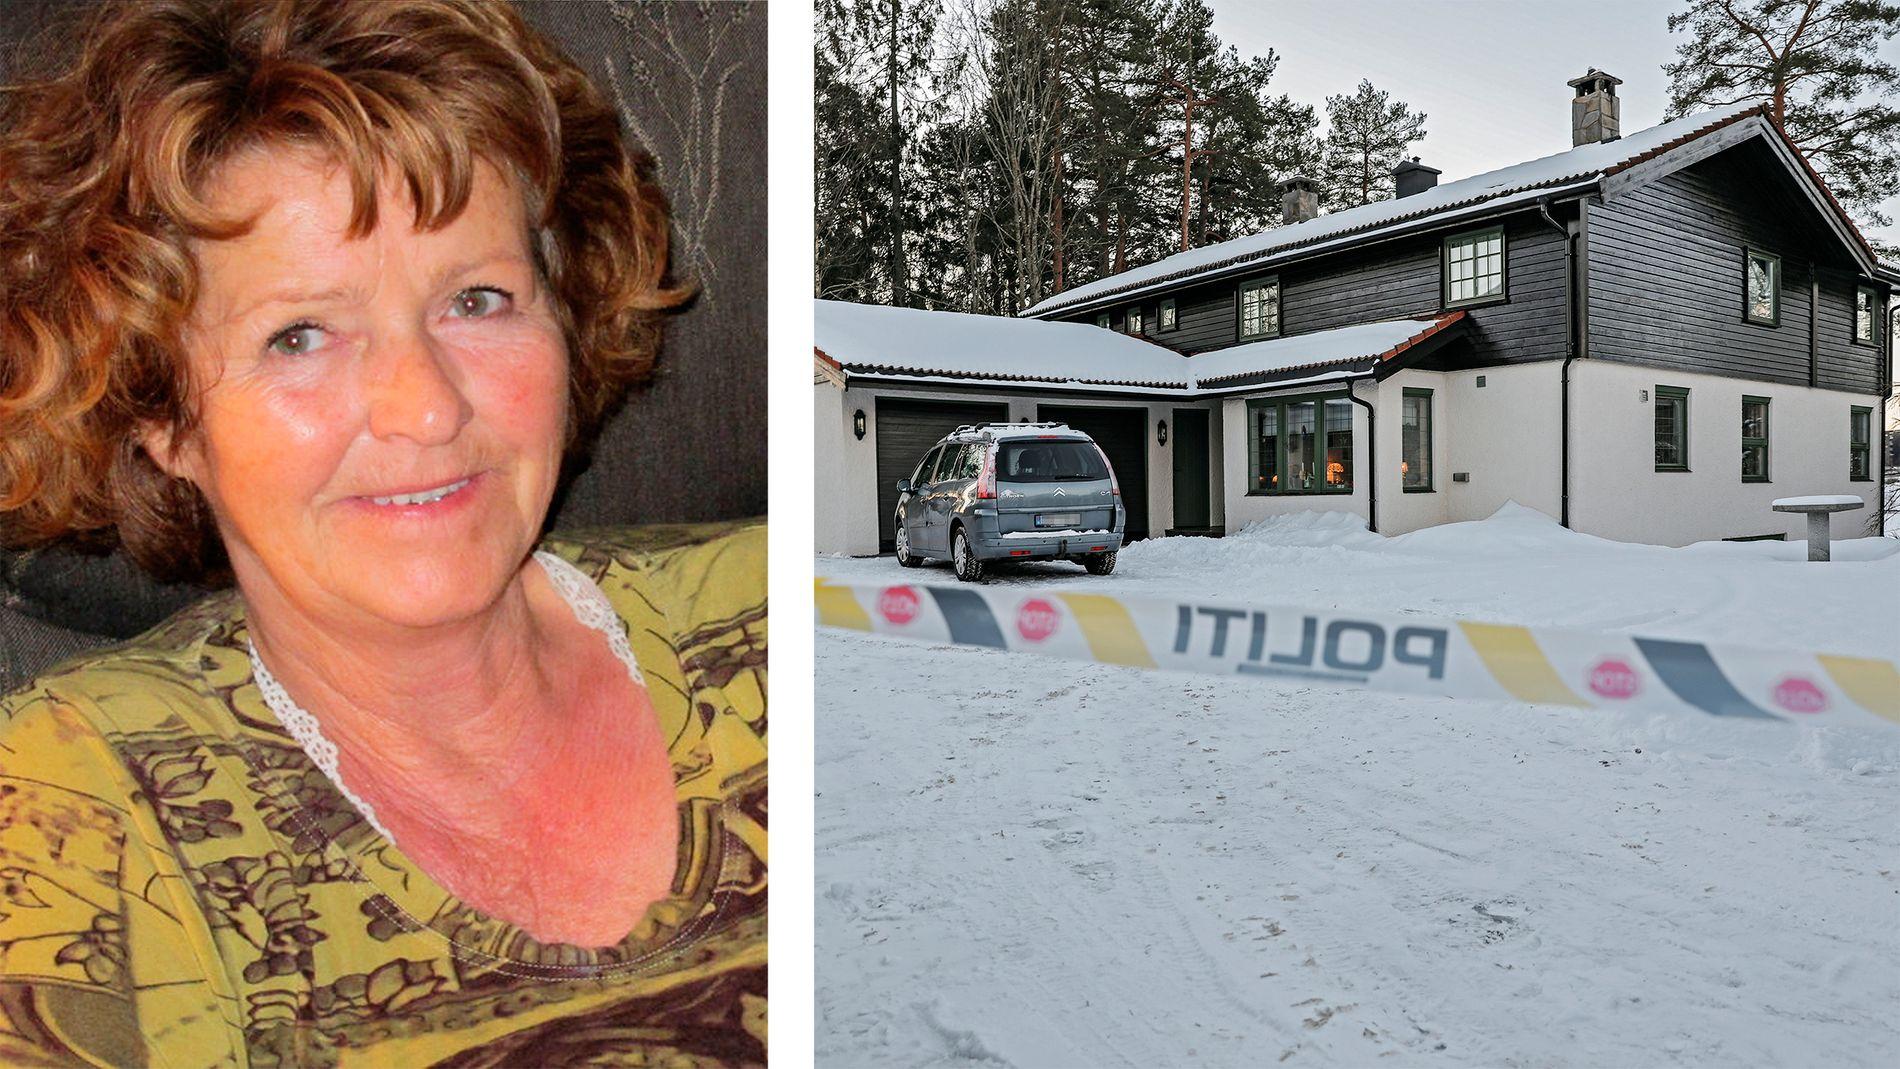 FORSVUNNET: 31. oktober forsvant Anne-Elisabeth Hagen fra hjemmet sitt i Sloraveien i Lørenskog. Politiet etterforsker saken som en grov kidnapping.